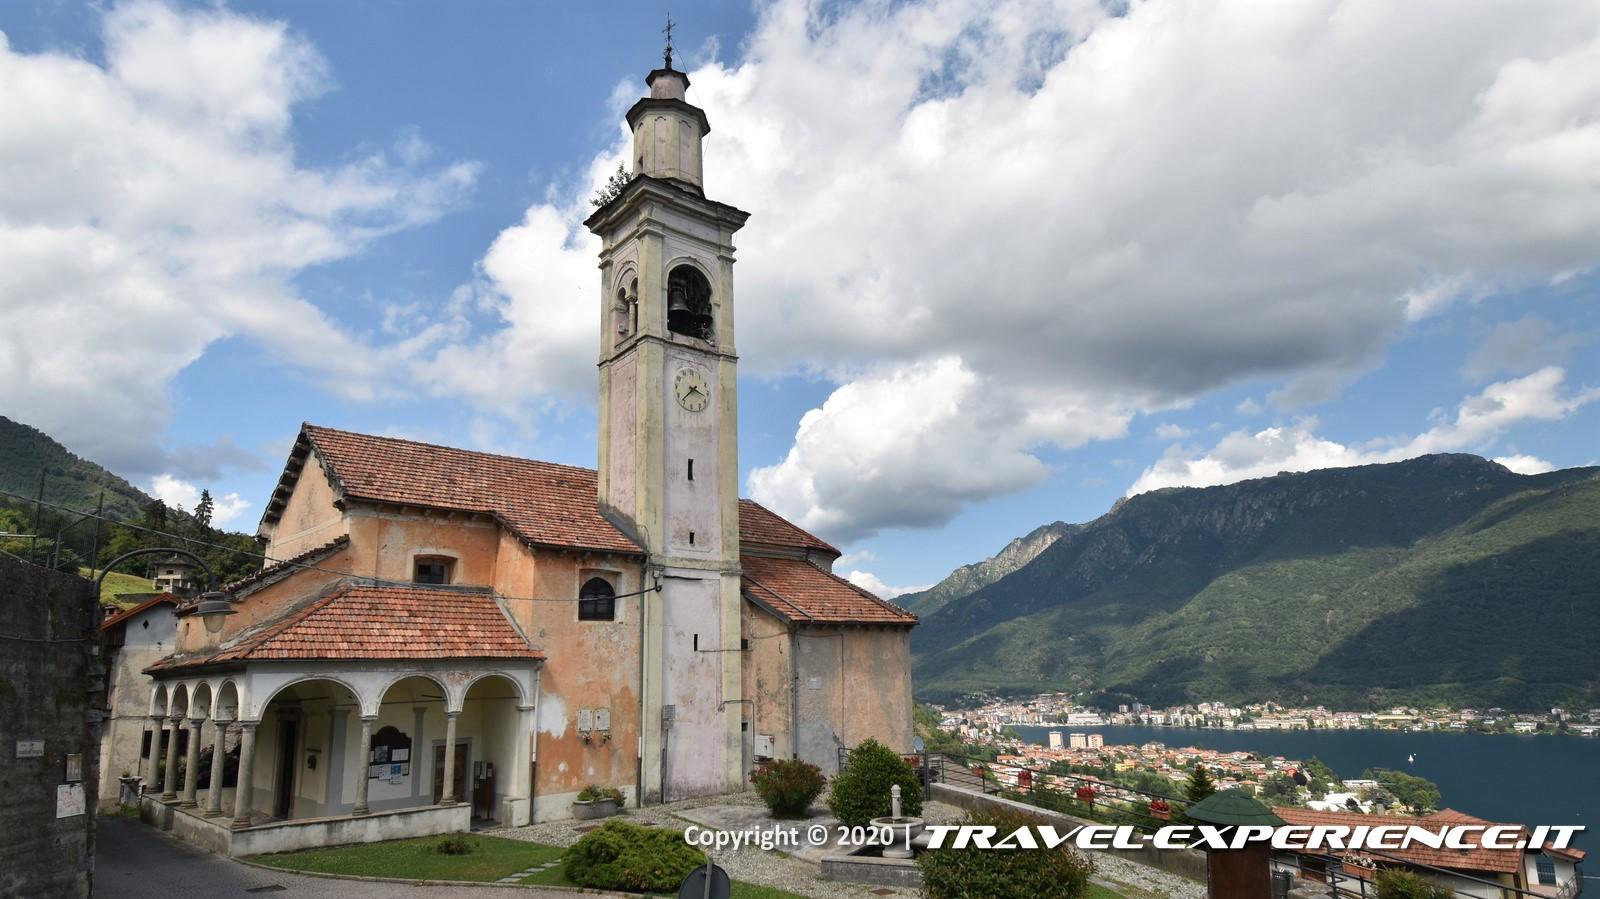 Brolo di Nonio, parrocchia di Sant'Antonio Abate